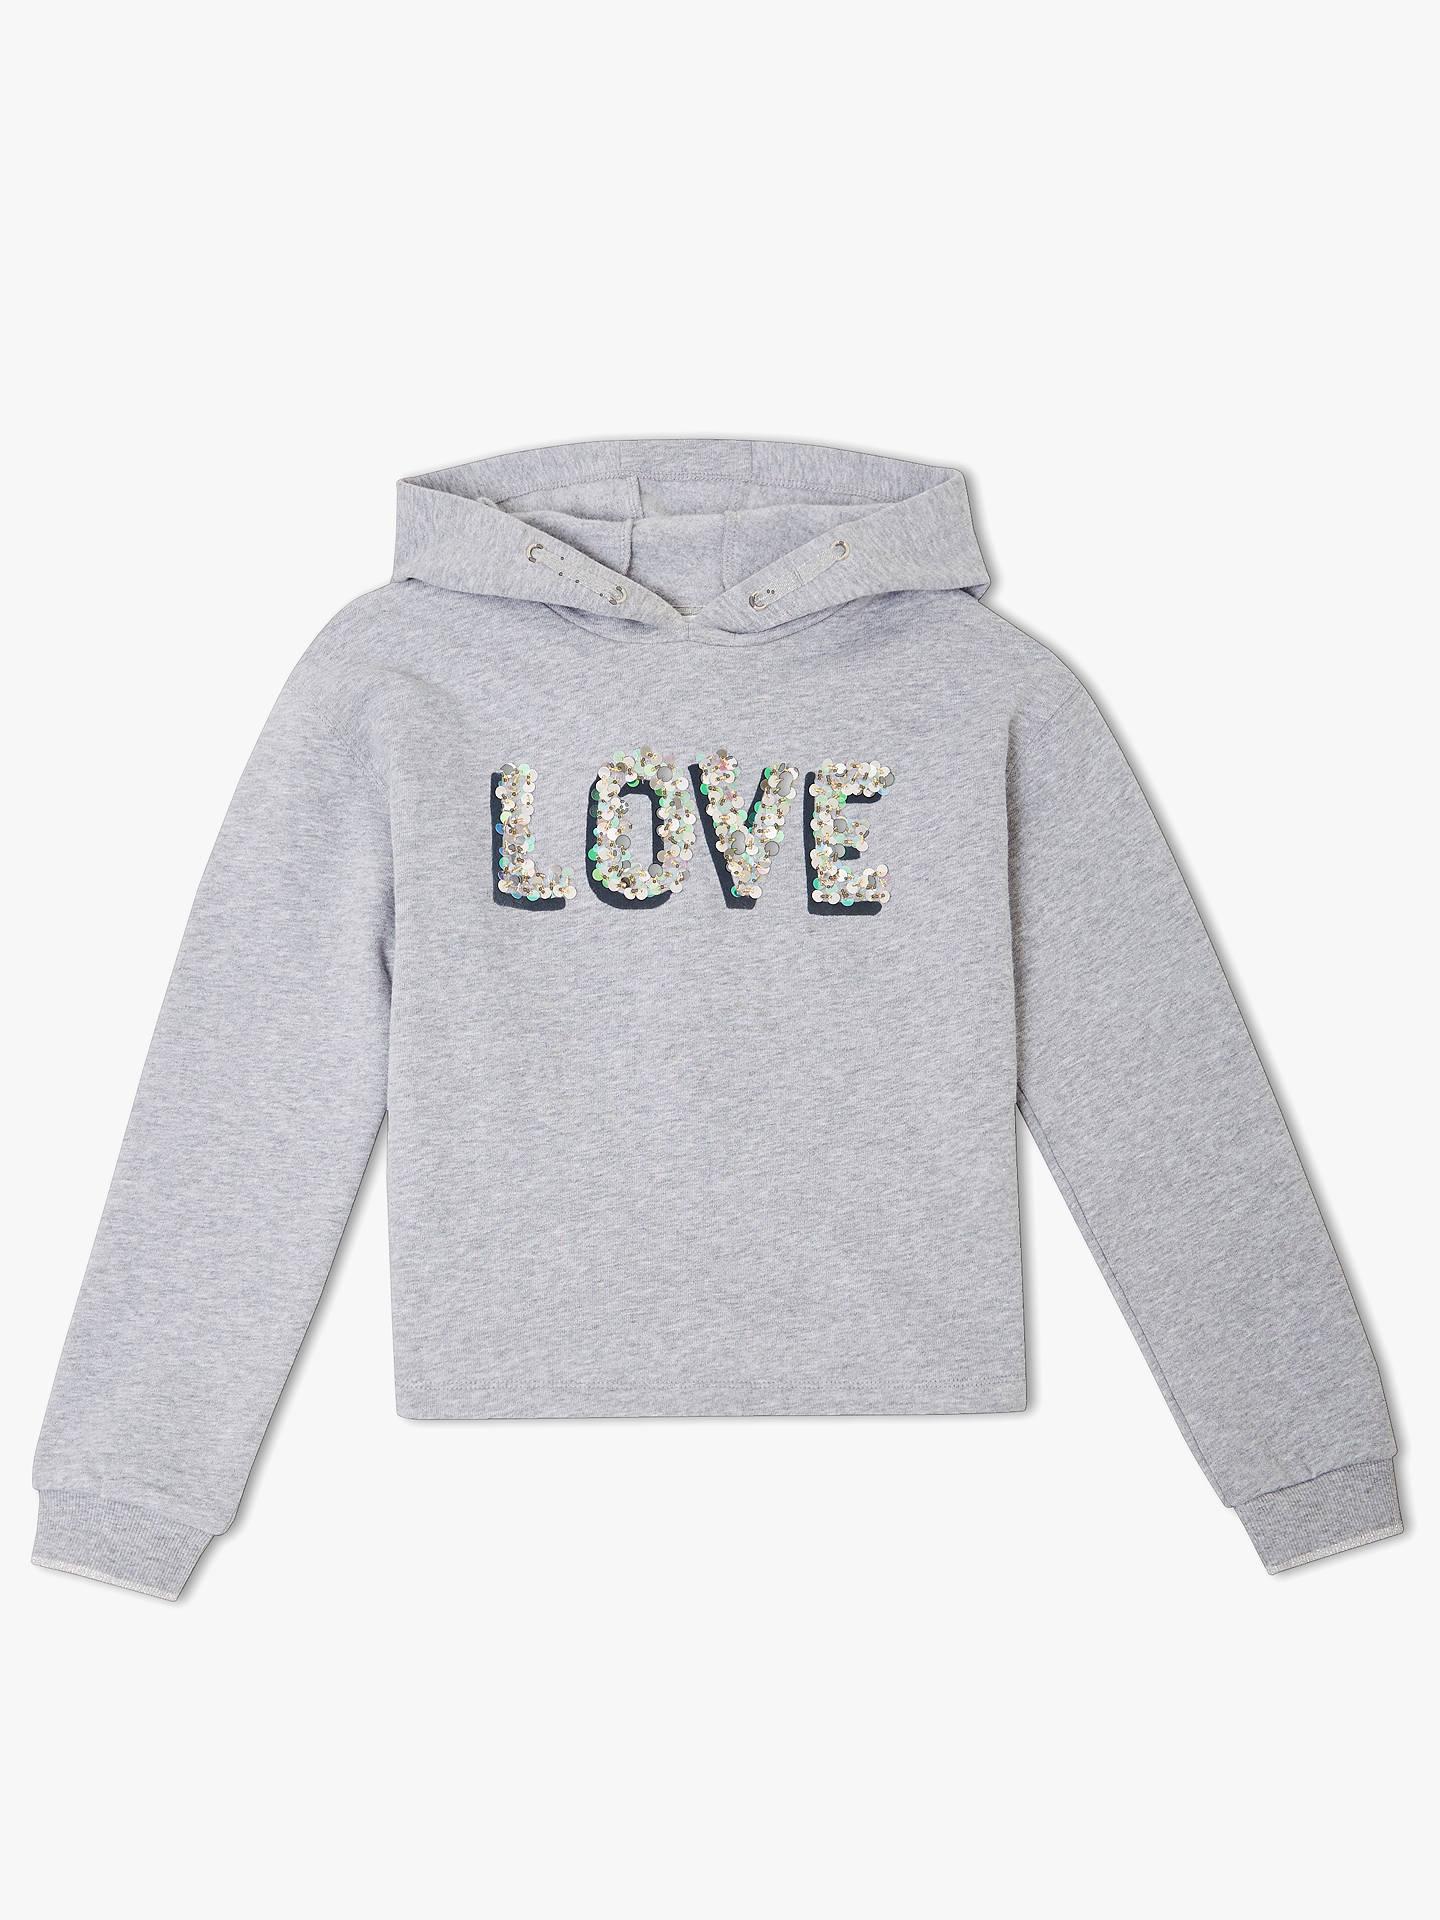 ae91ffca4c98 John Lewis   Partners Girls  Sequin Hooded Sweatshirt